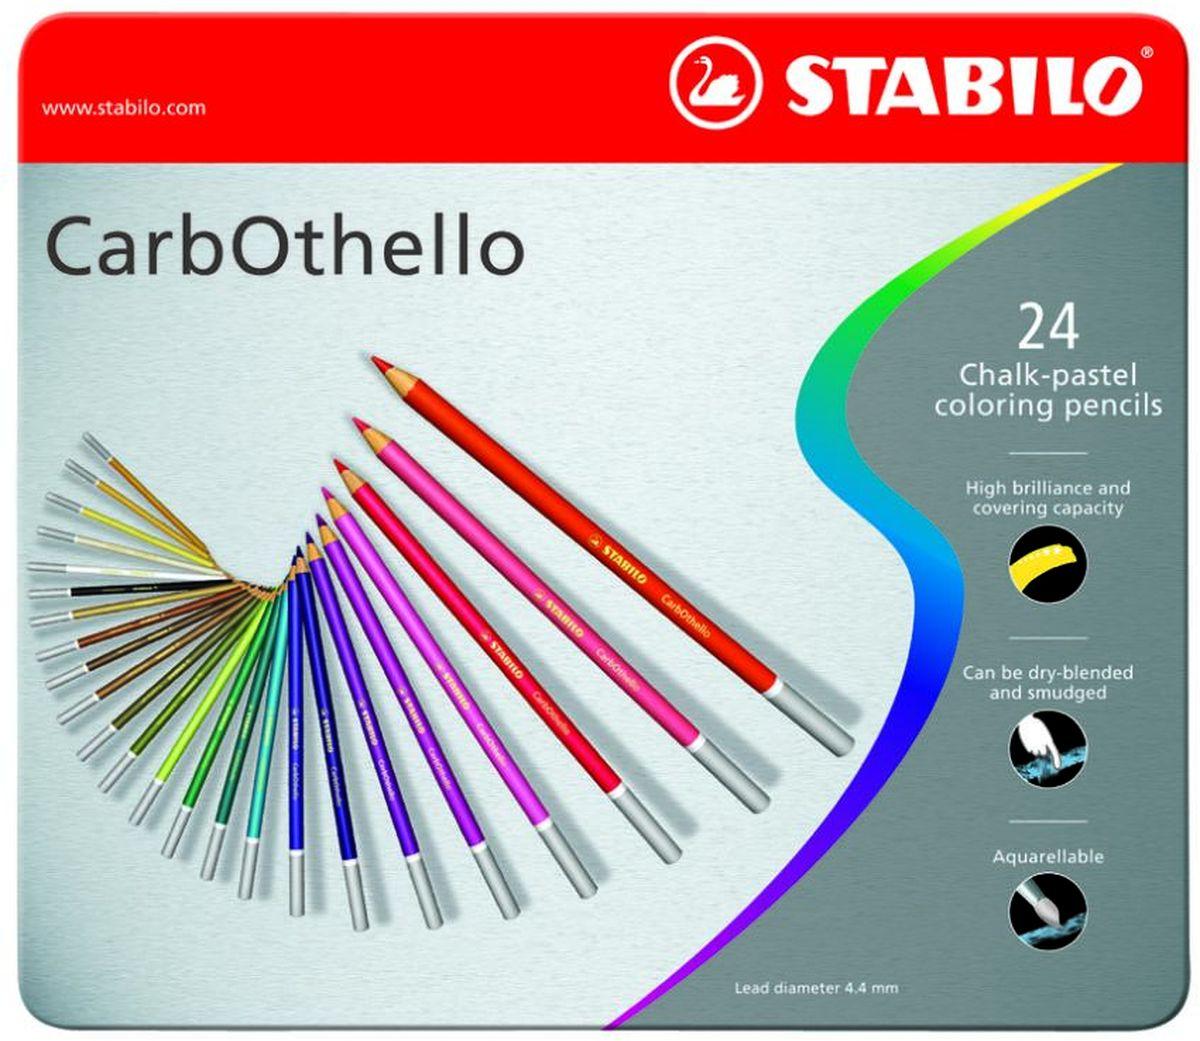 Stabilo Пастель CarbOthello 24 цветаFS-00101Цветная пастель в виде деревянного карандаша. Деревянная оболочка карандаша защищает хрупкую сердцевину - пастельный мелок, способный передать бесподобную свежесть и выразительность красок. Мягкий грифель позволяет рисовать даже на очень тонкой бумаге. Можно использовать как акварельные карандаши. Цветная пастель идеально подходит для смешивания цветов. Исключительная насыщенность цвета позволяет добиться великолепных результатов даже на темном фоне. Набор в металлической коробке.